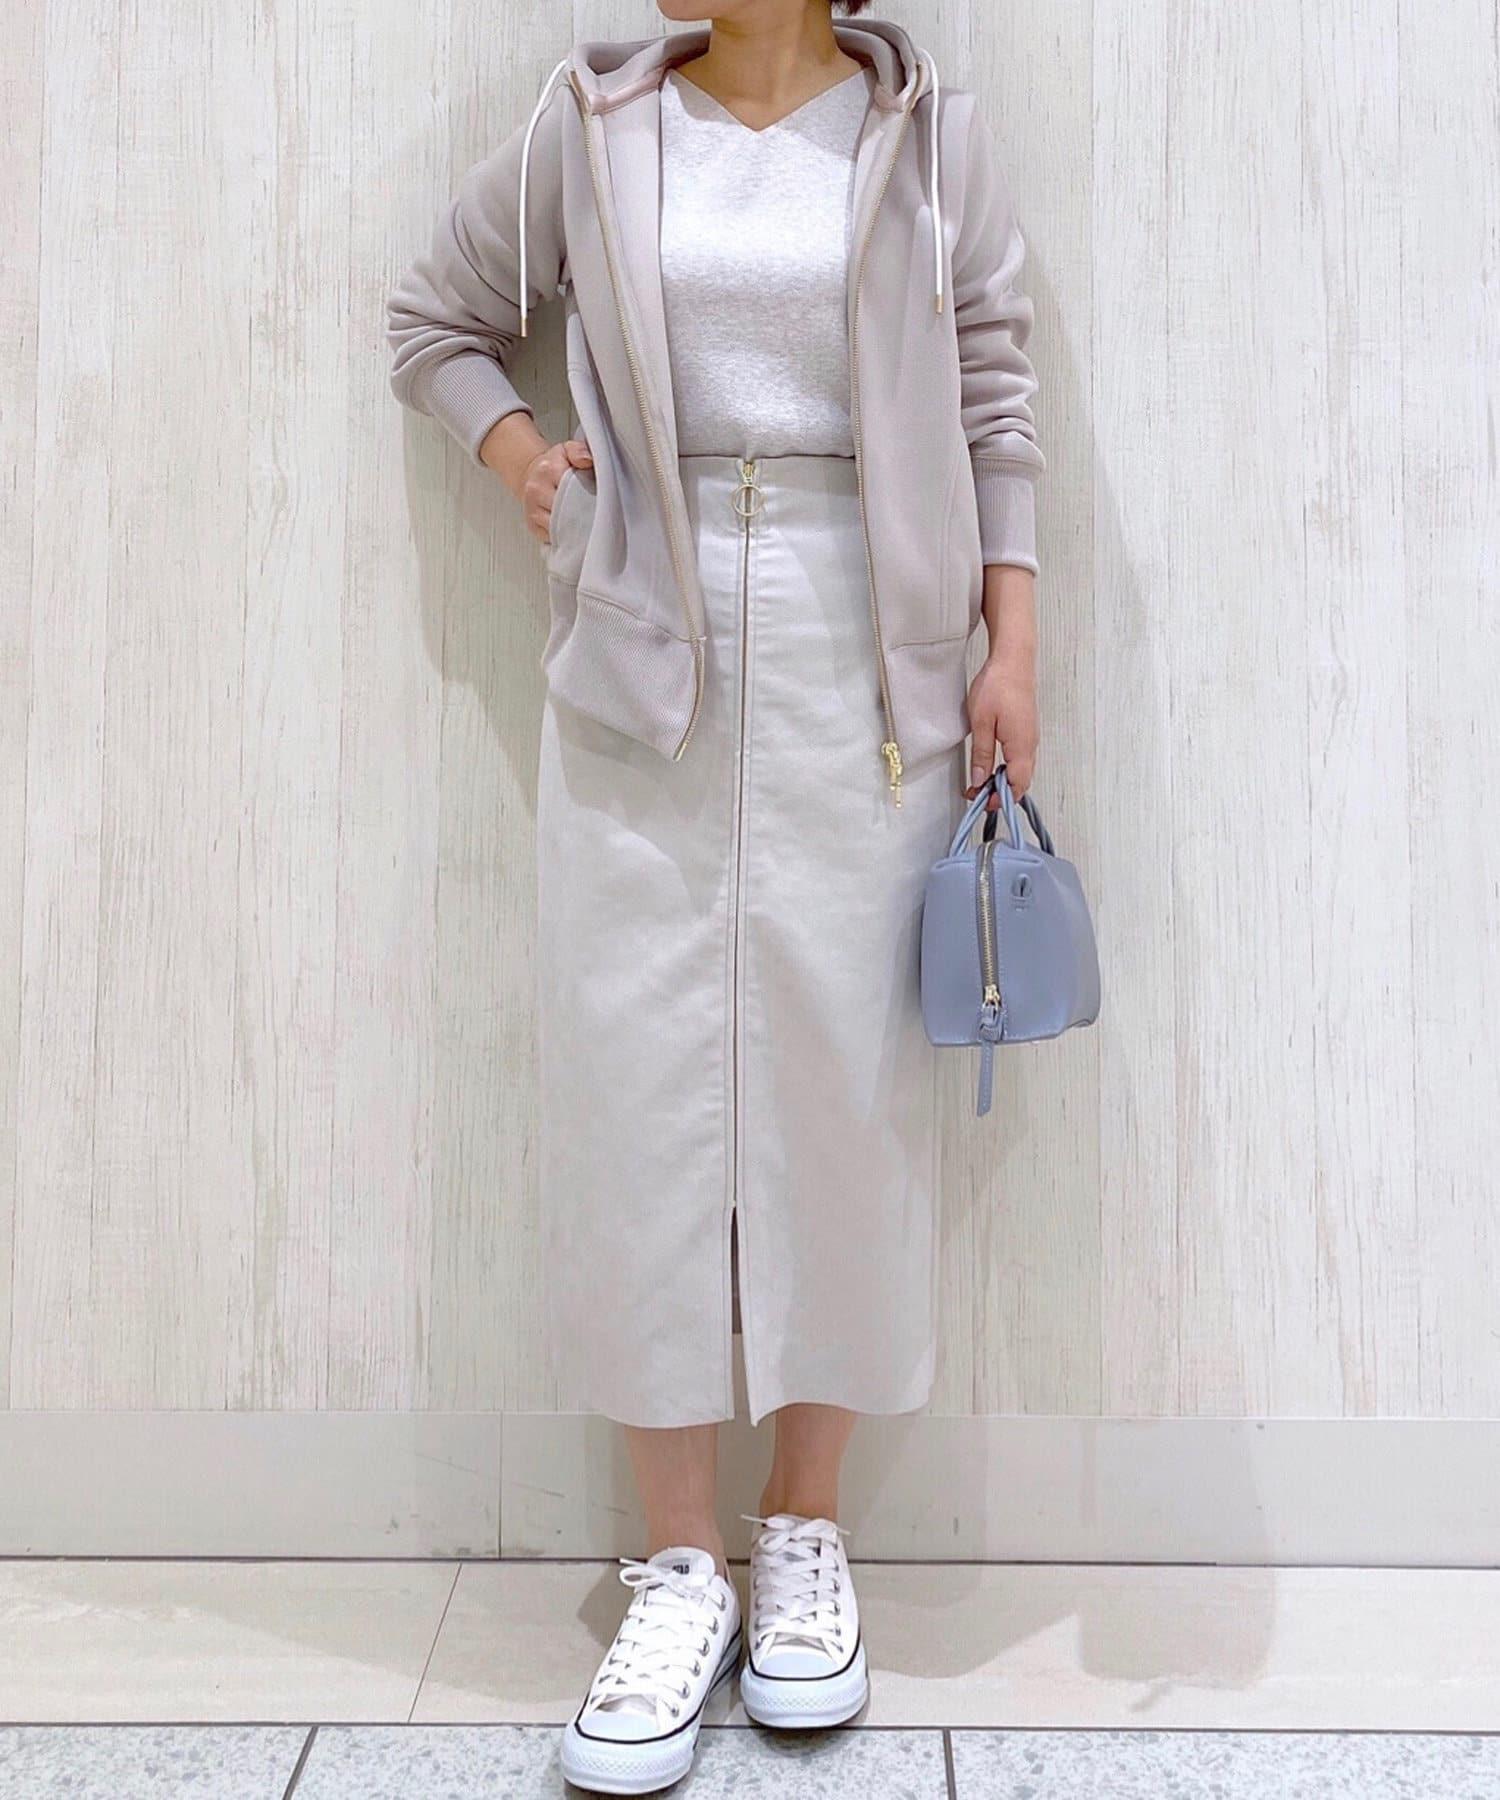 RIVE DROITE(リヴドロワ) 【女性らしいシルエットが魅力】エコスウェードジップスカート